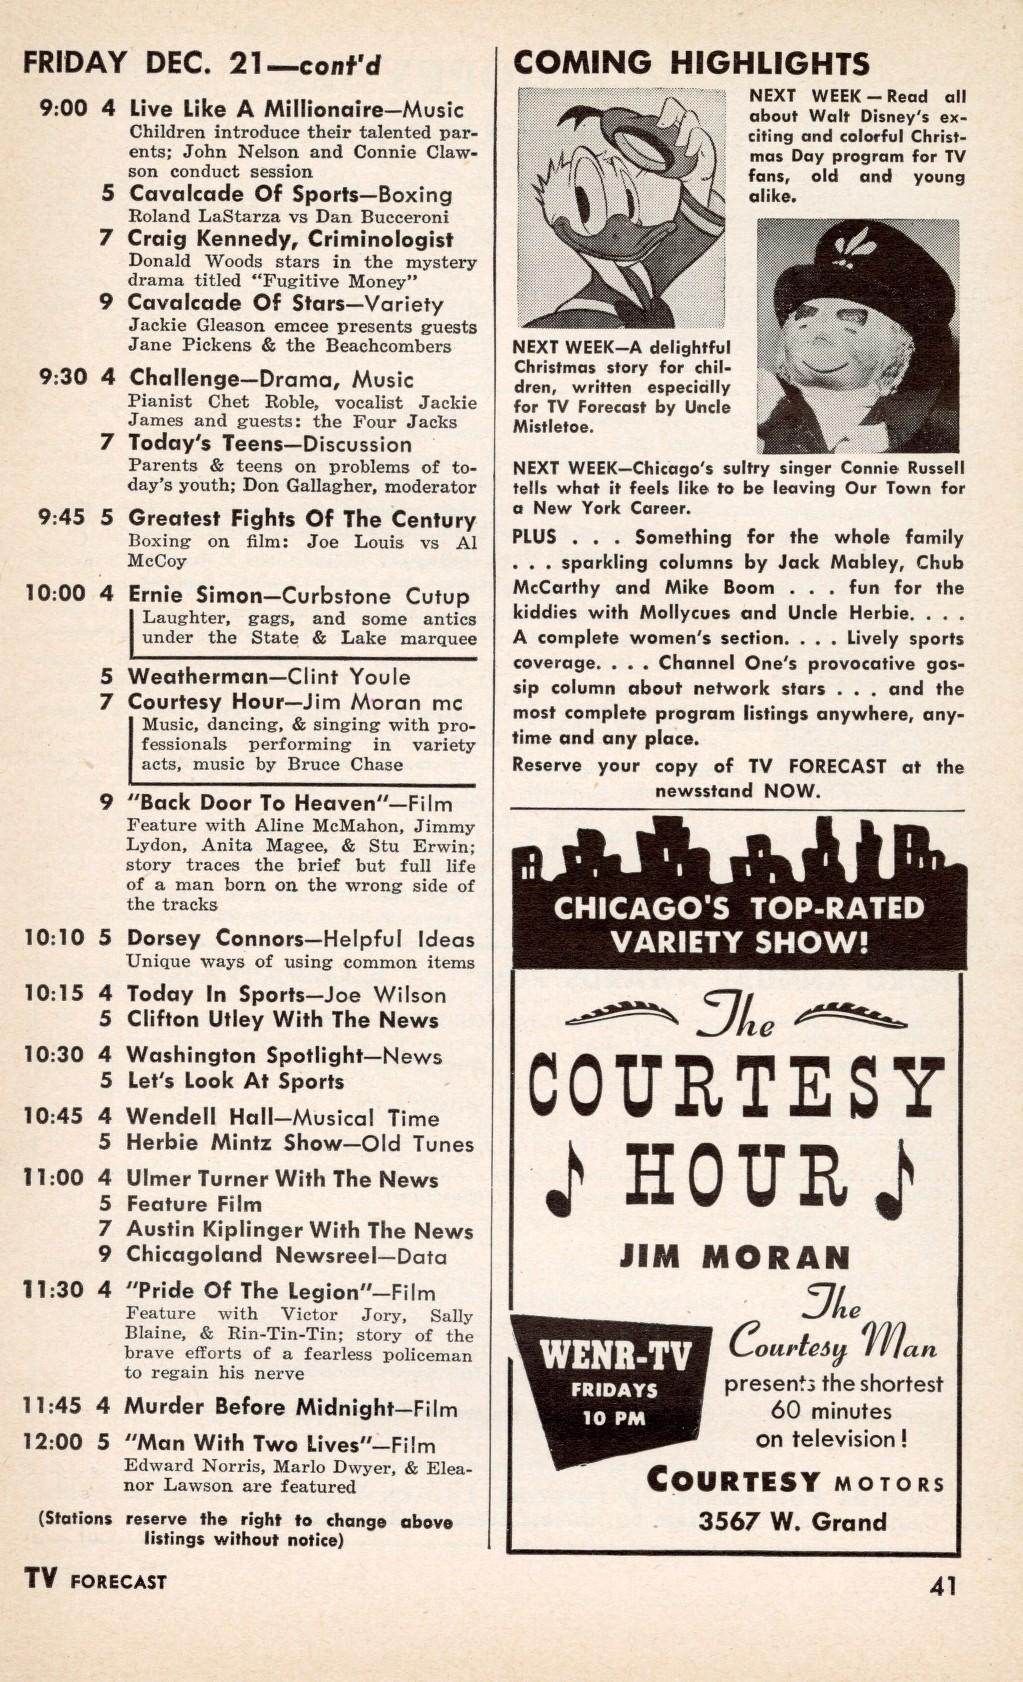 Tvforecast-chicago-1951-12-15_jp2.zip&file=tvforecast-chicago-1951-12-15_jp2%2ftvforecast-chicago-1951-12-15_0040